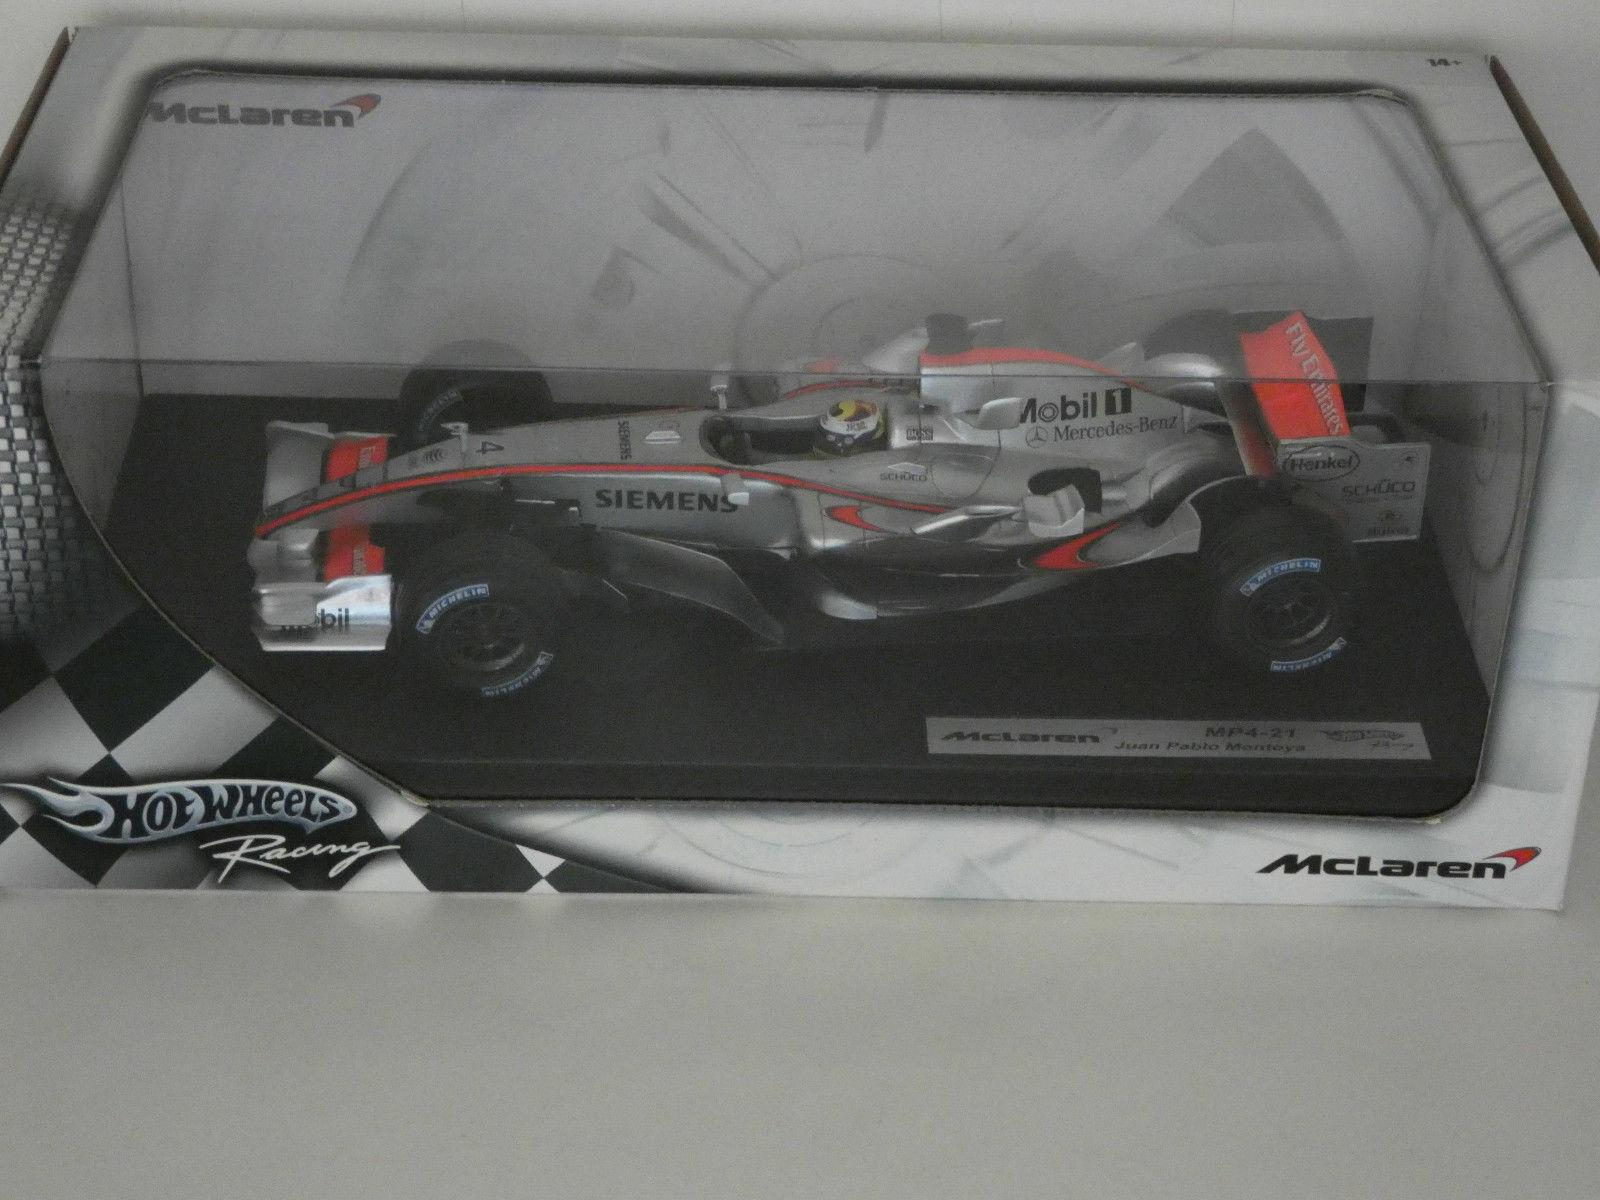 McLaren MP4-21 Juan Pablo MonJuguetea 1 18 HOTWHEELS 31211